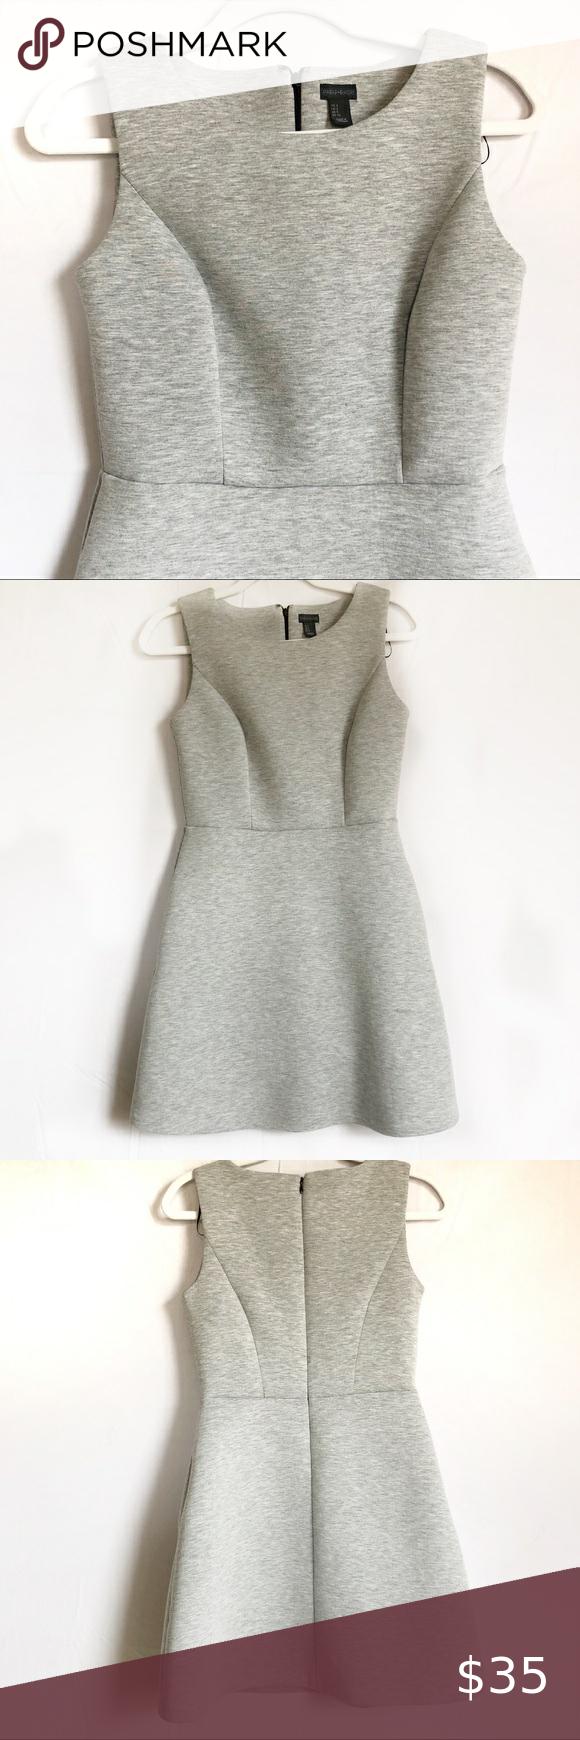 Paraphrase Scuba A Line Dres Size 2 Clothe Design Grey Dress